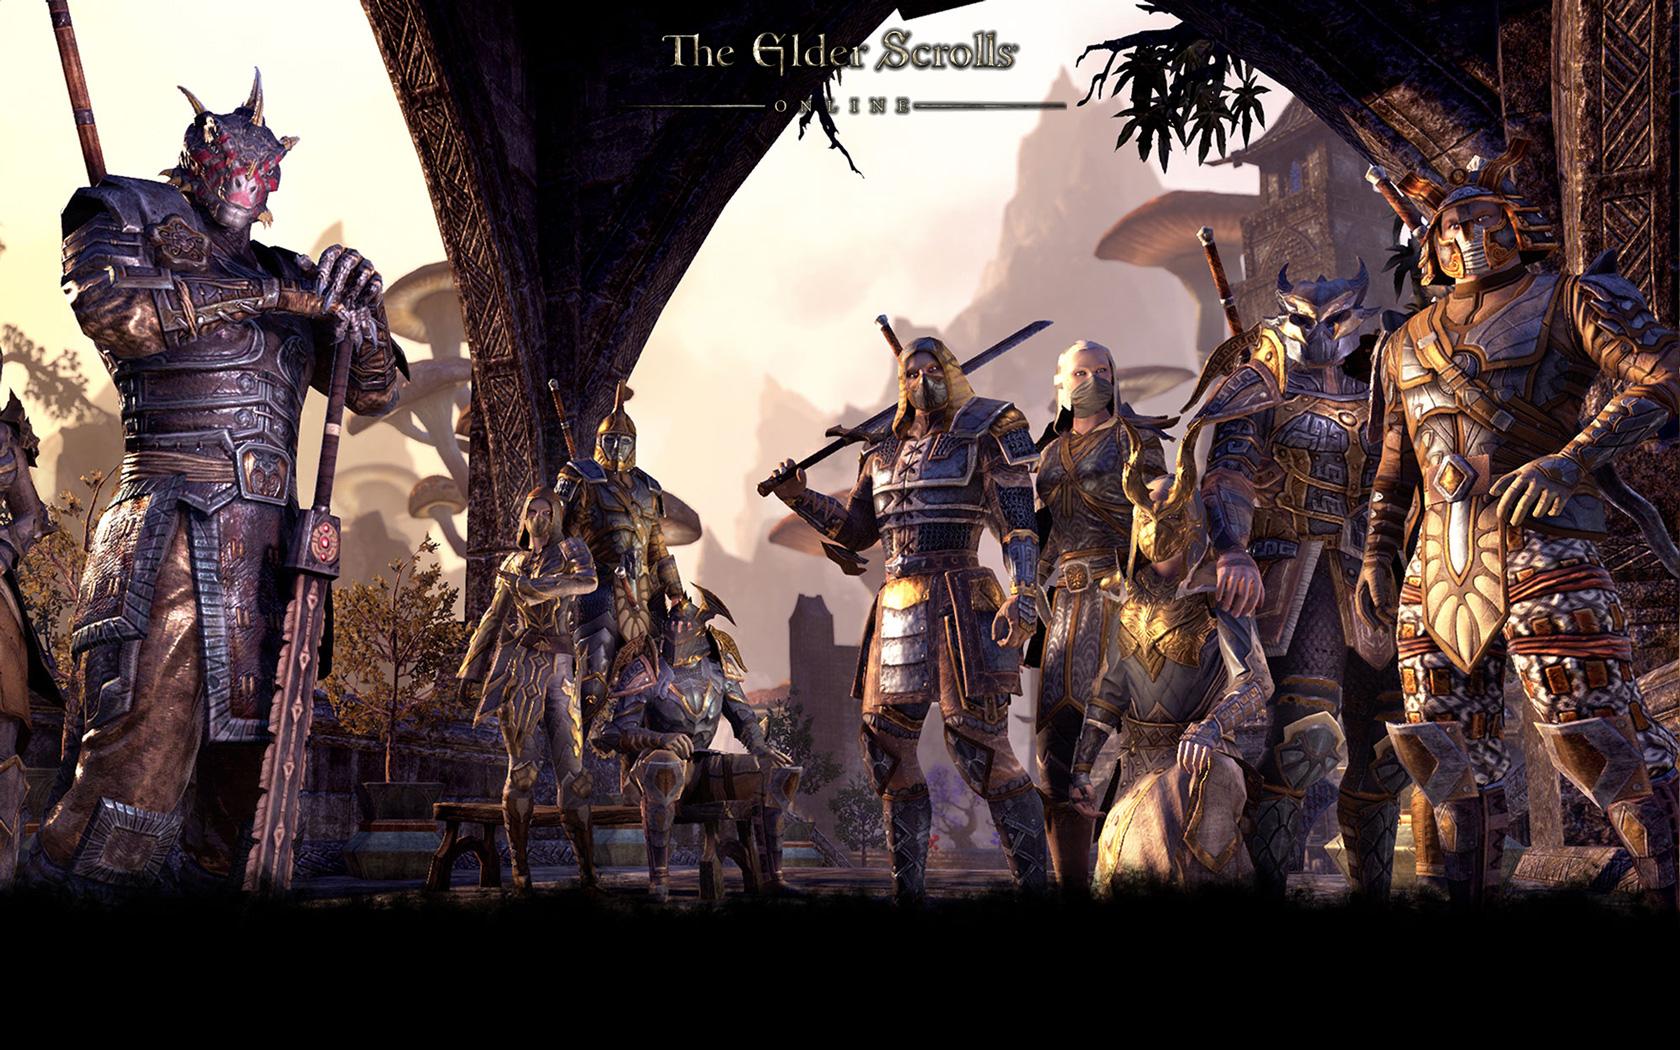 Free The Elder Scrolls Online Wallpaper in 1680x1050